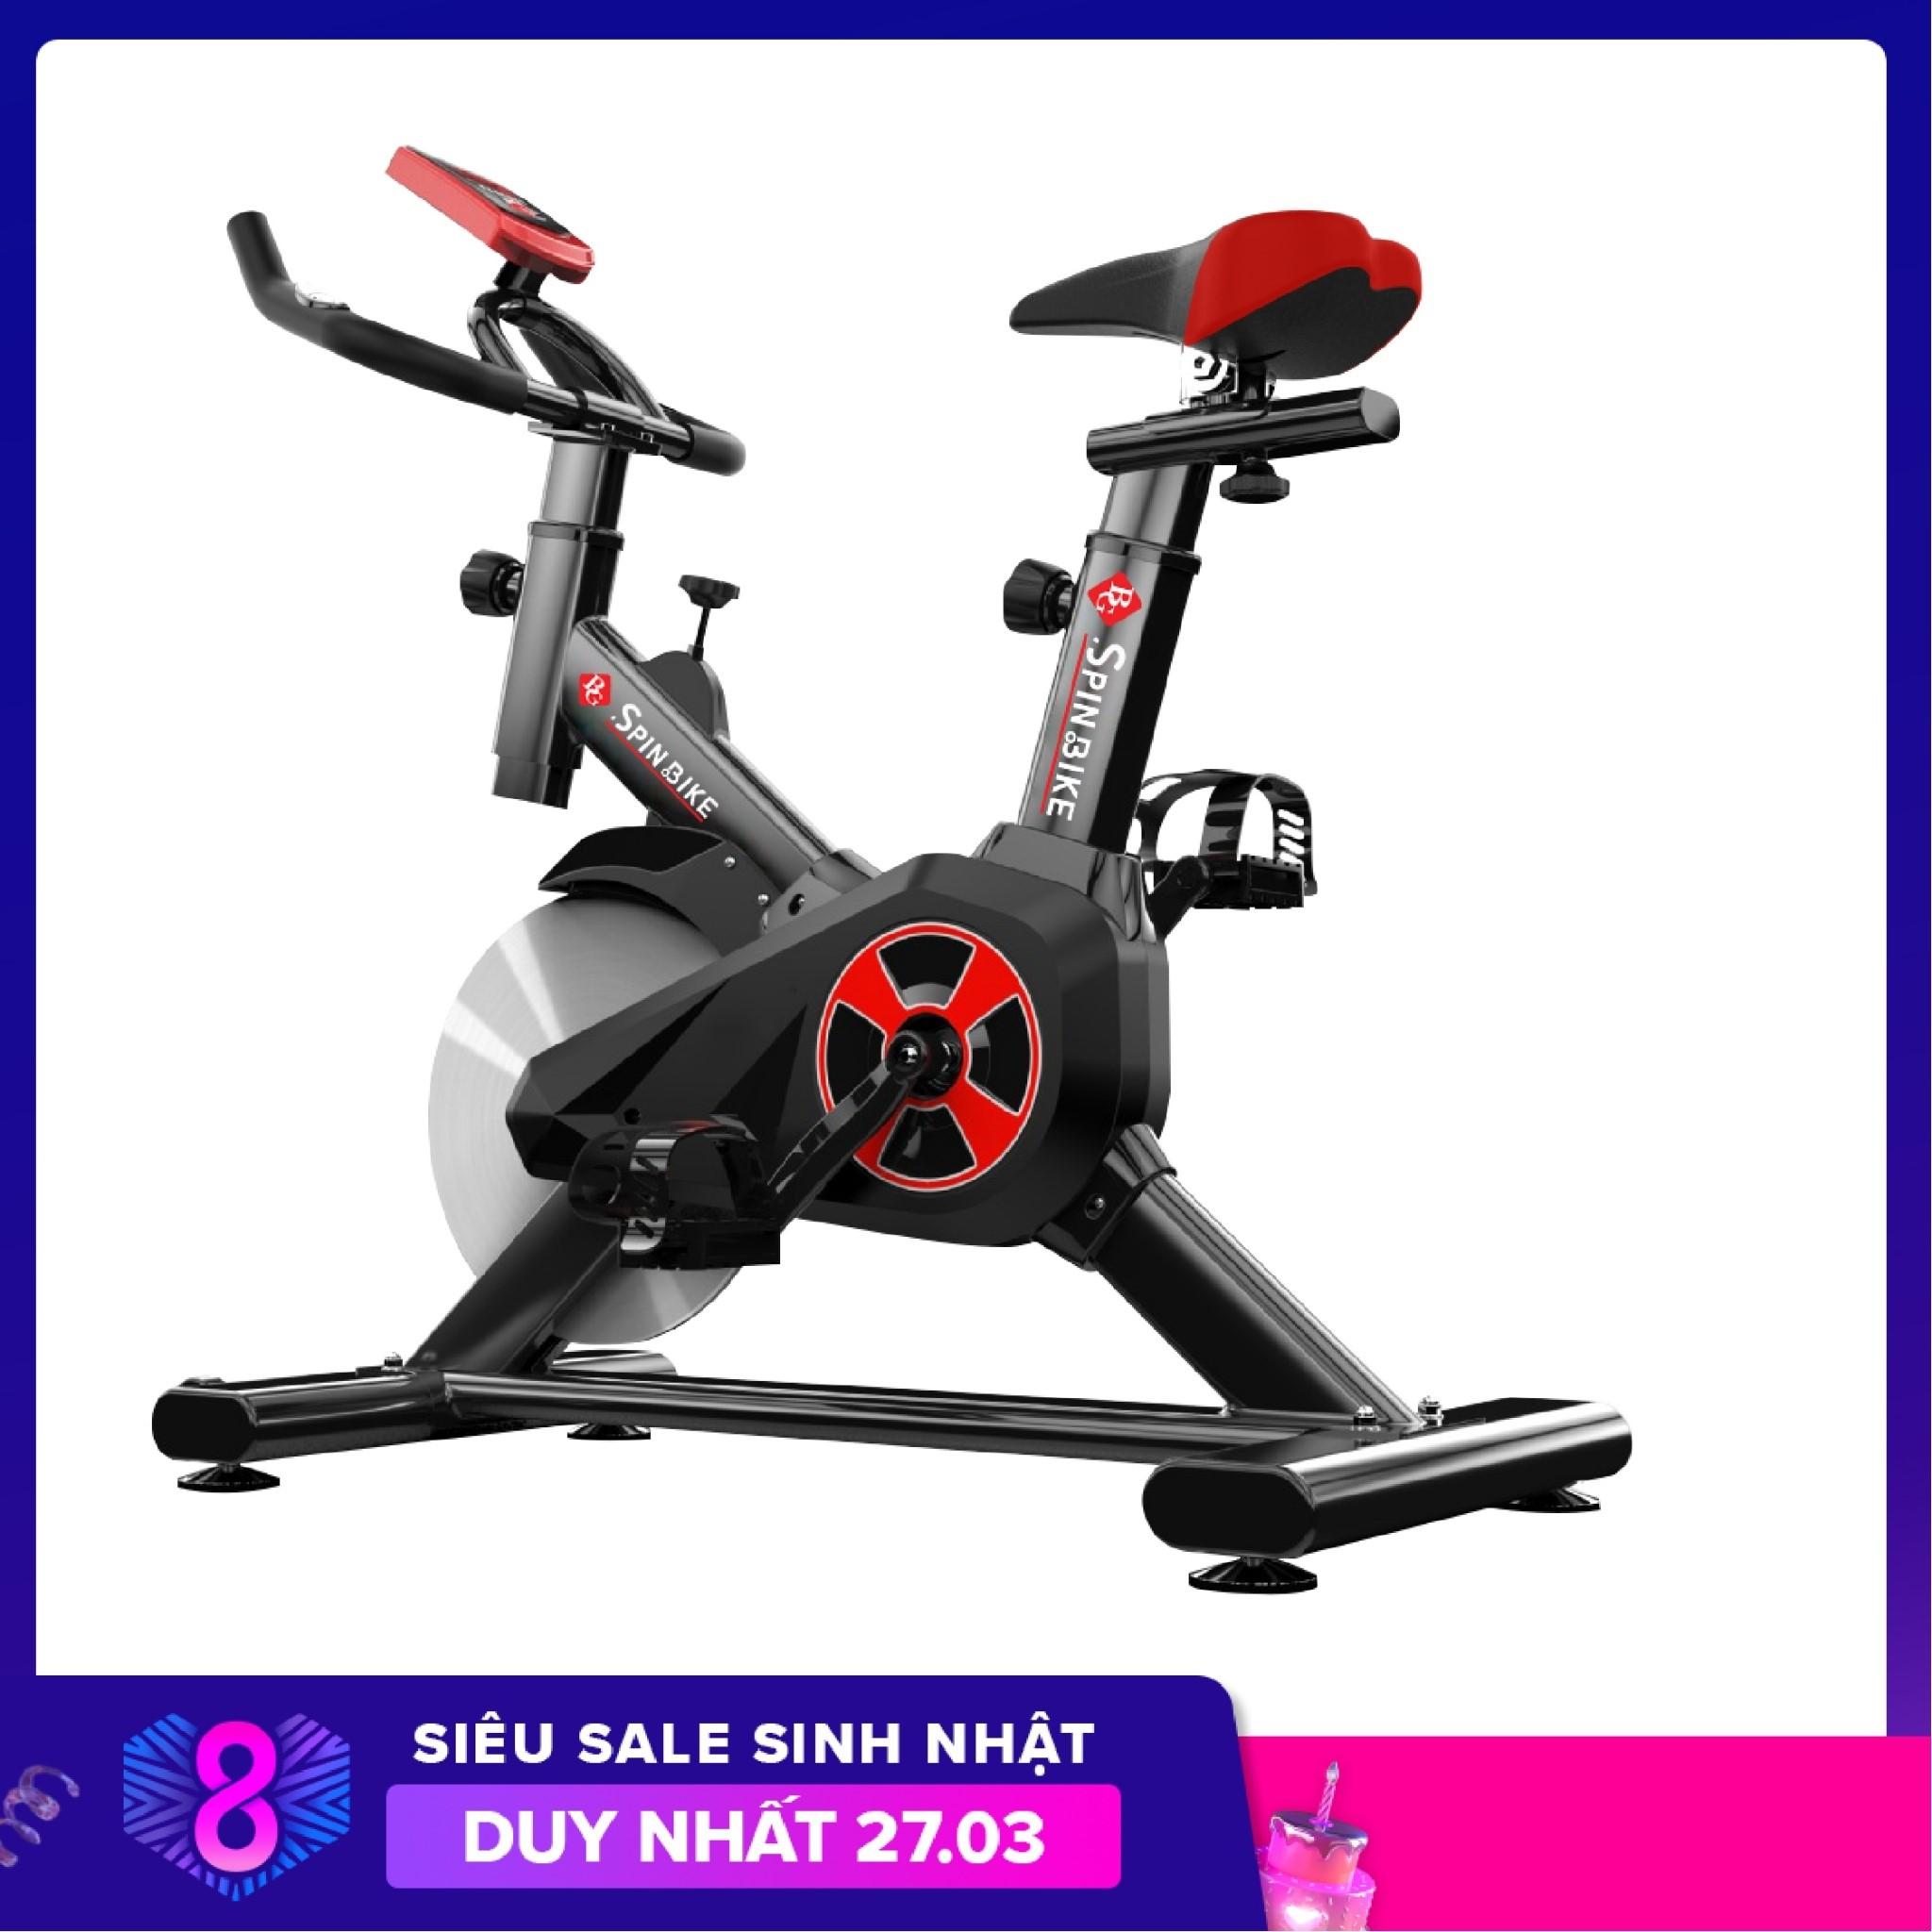 Bảng giá GYM - Xe đạp tập thể dục thể thao mẫu mới S303 mới hót màu đen